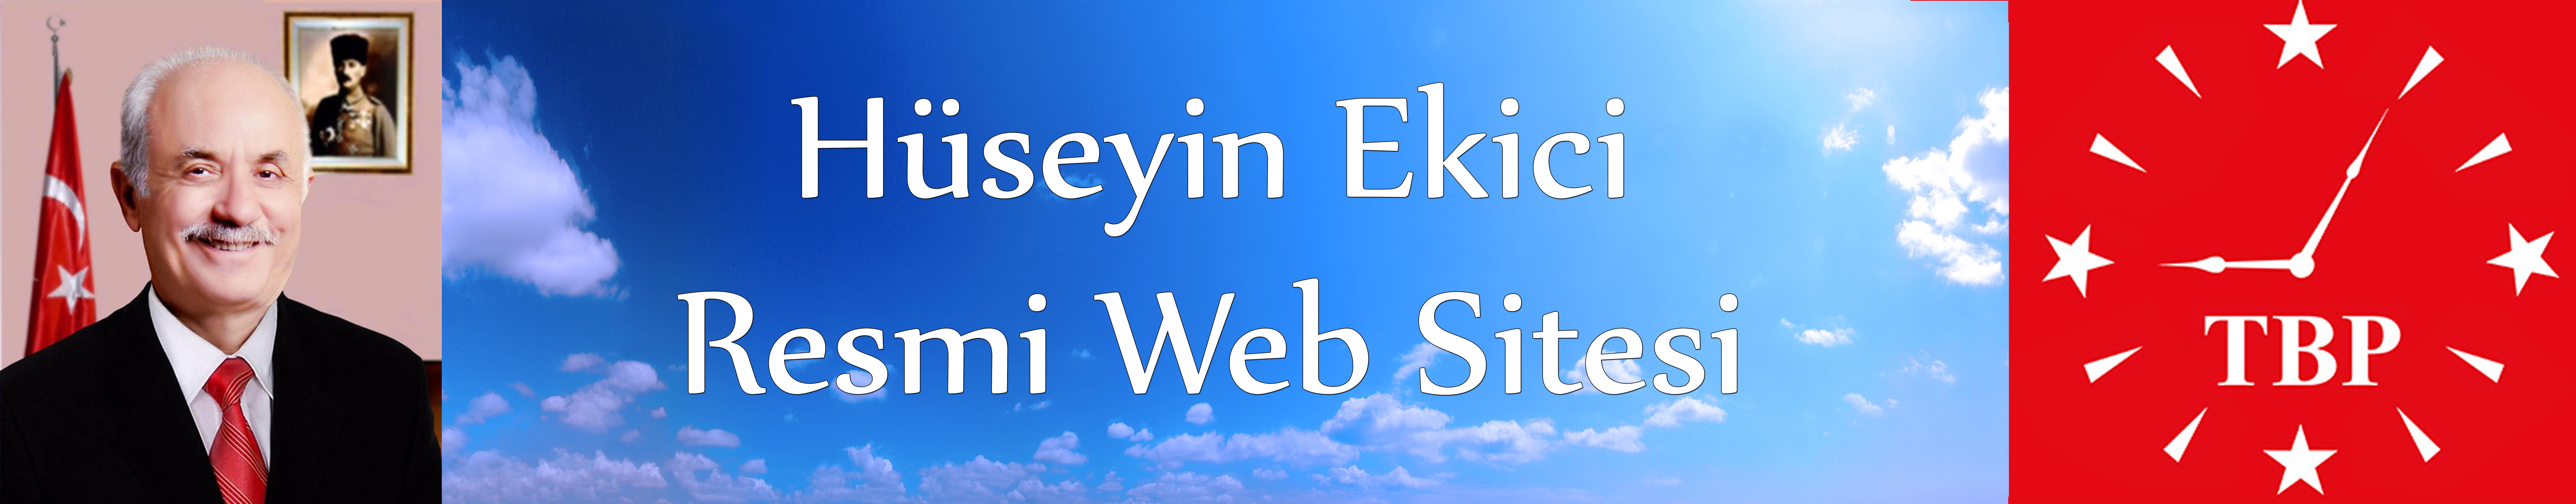 Huseyin Ekici Resmi Web Sitesi